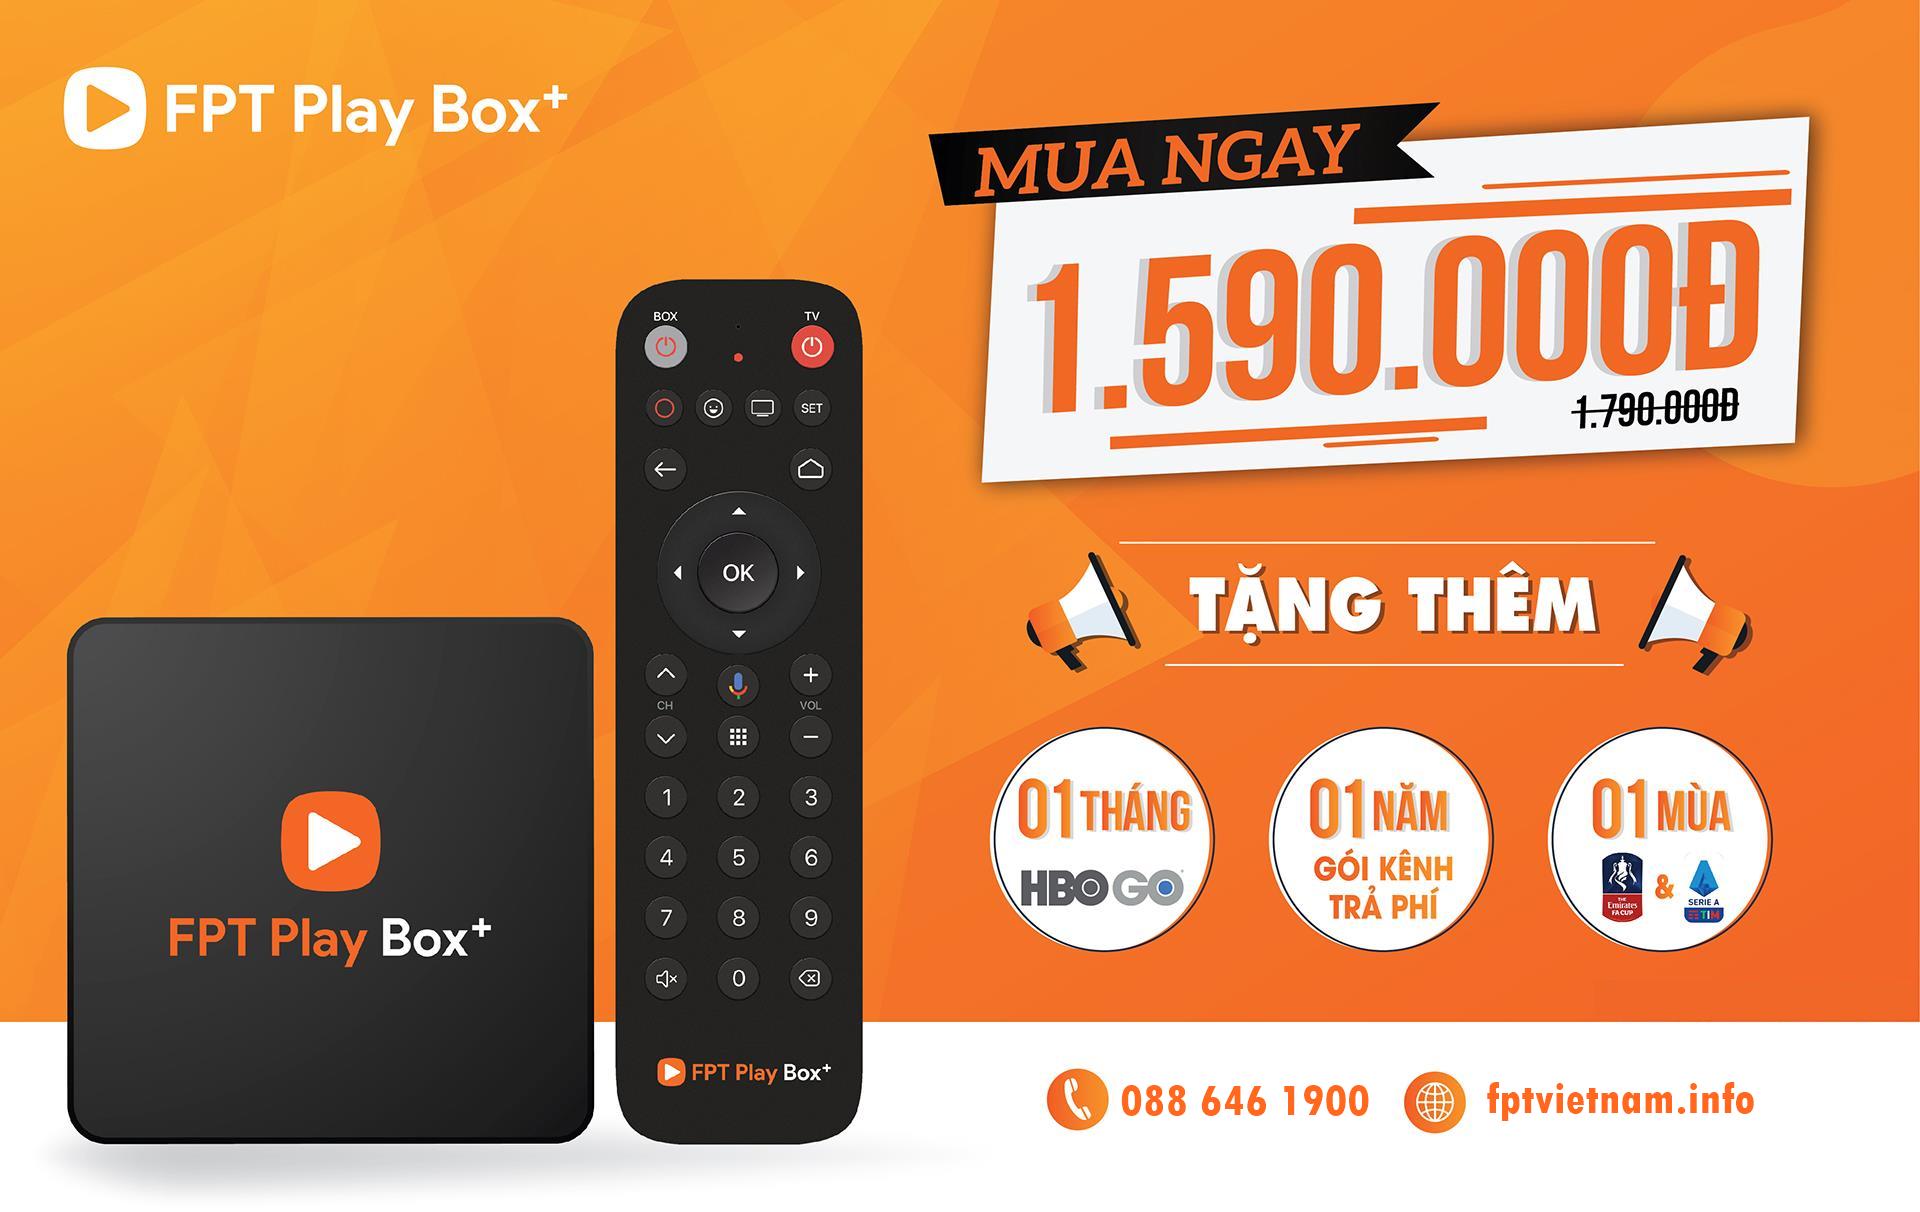 FPT Play BOX+ 2019 - Mã sản phẩm S400